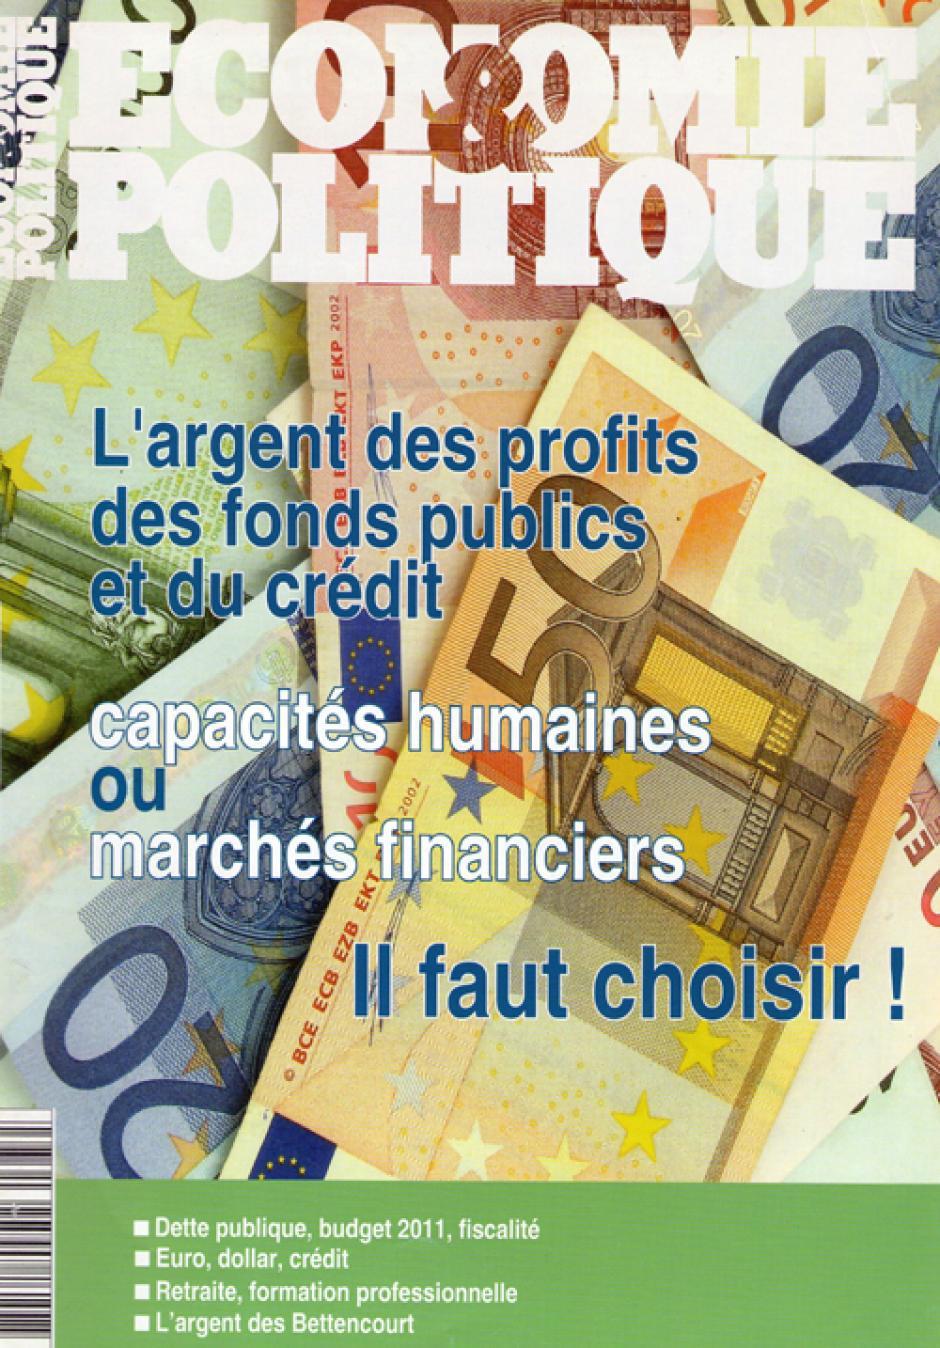 Economie & Politique de juillet-août 2010